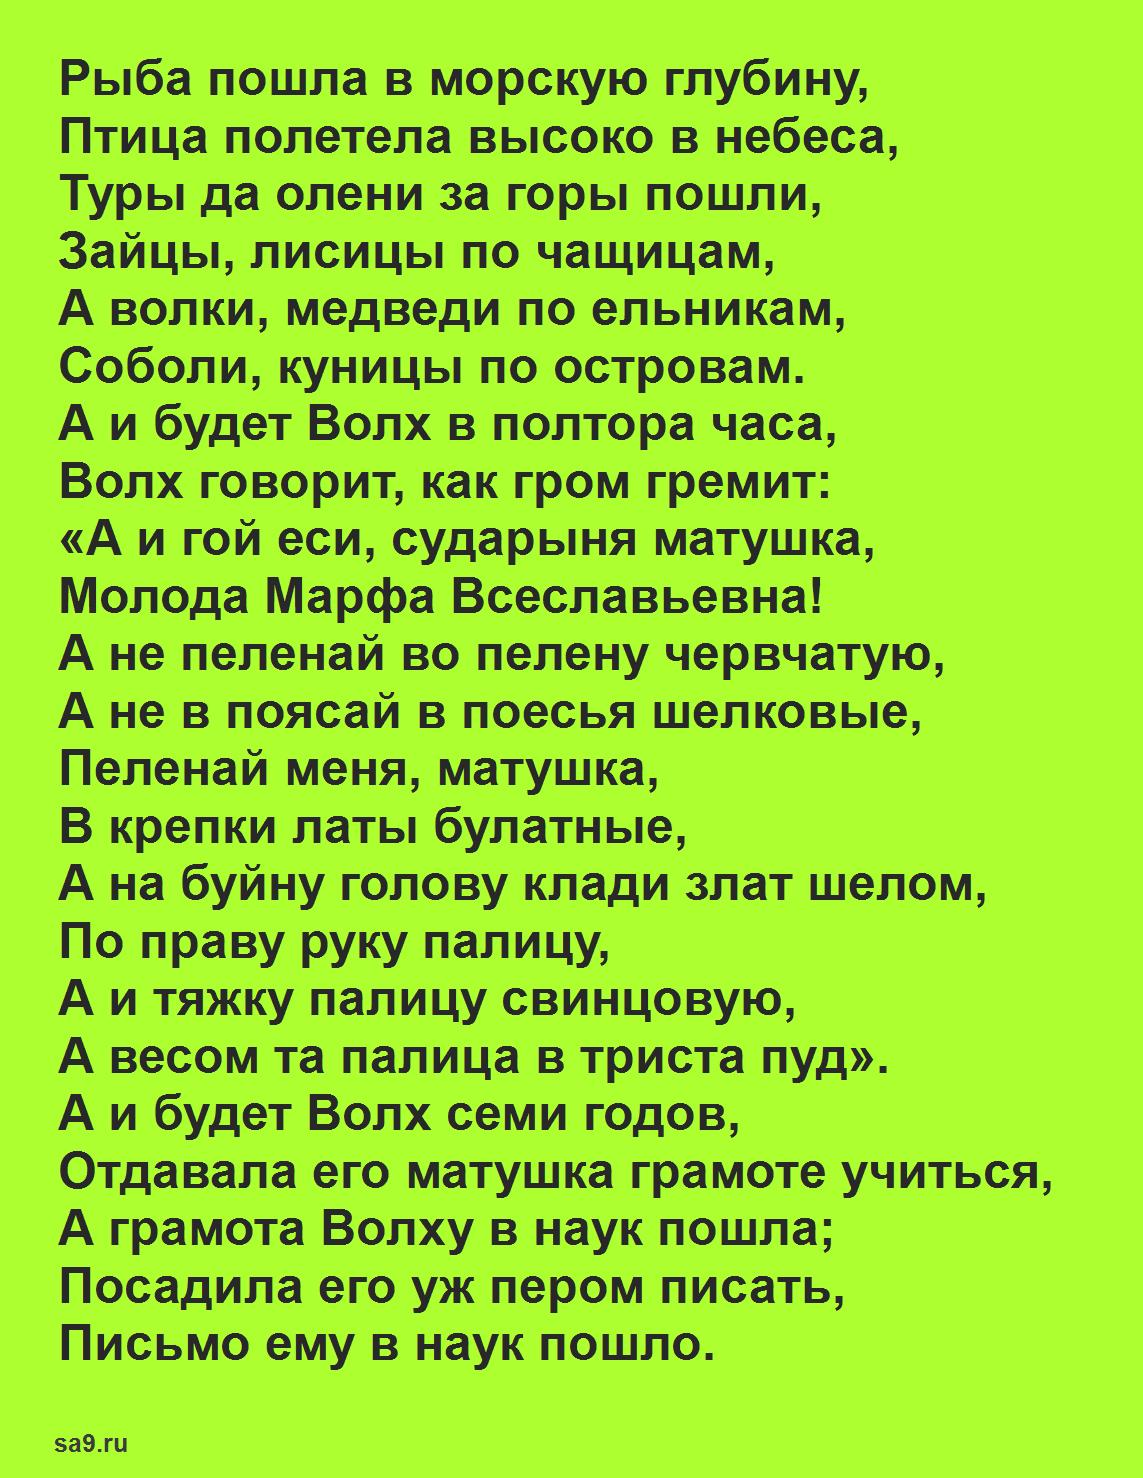 Читать былину - Волх Всеславьевич